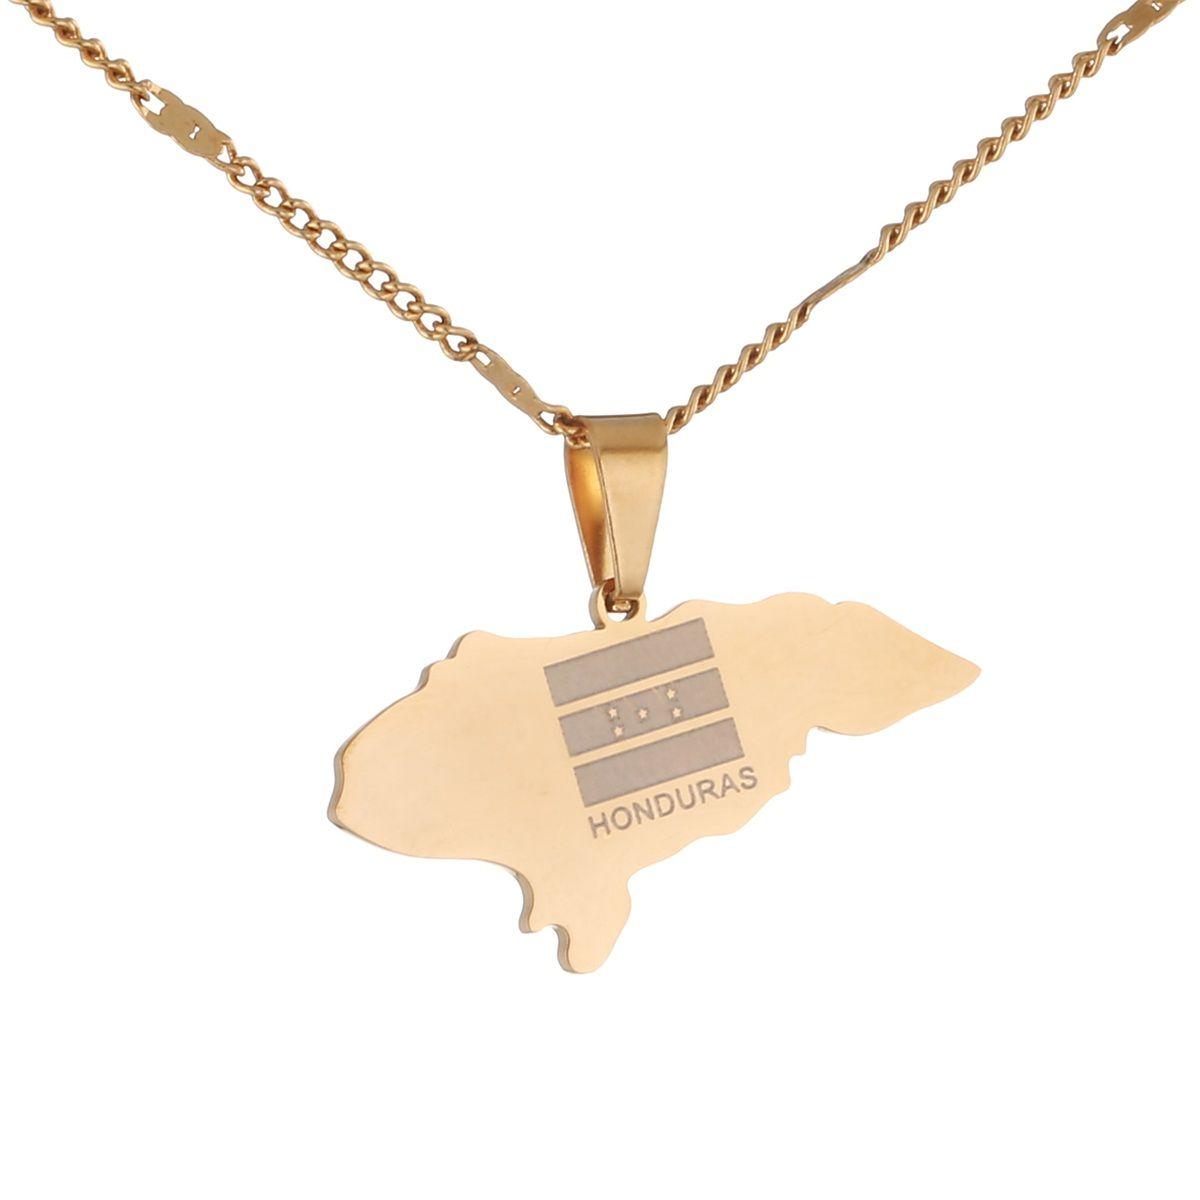 Acero inoxidable Tamaño Pequeño Honduras Mapa de los collares pendientes del encanto Mapas de joyería